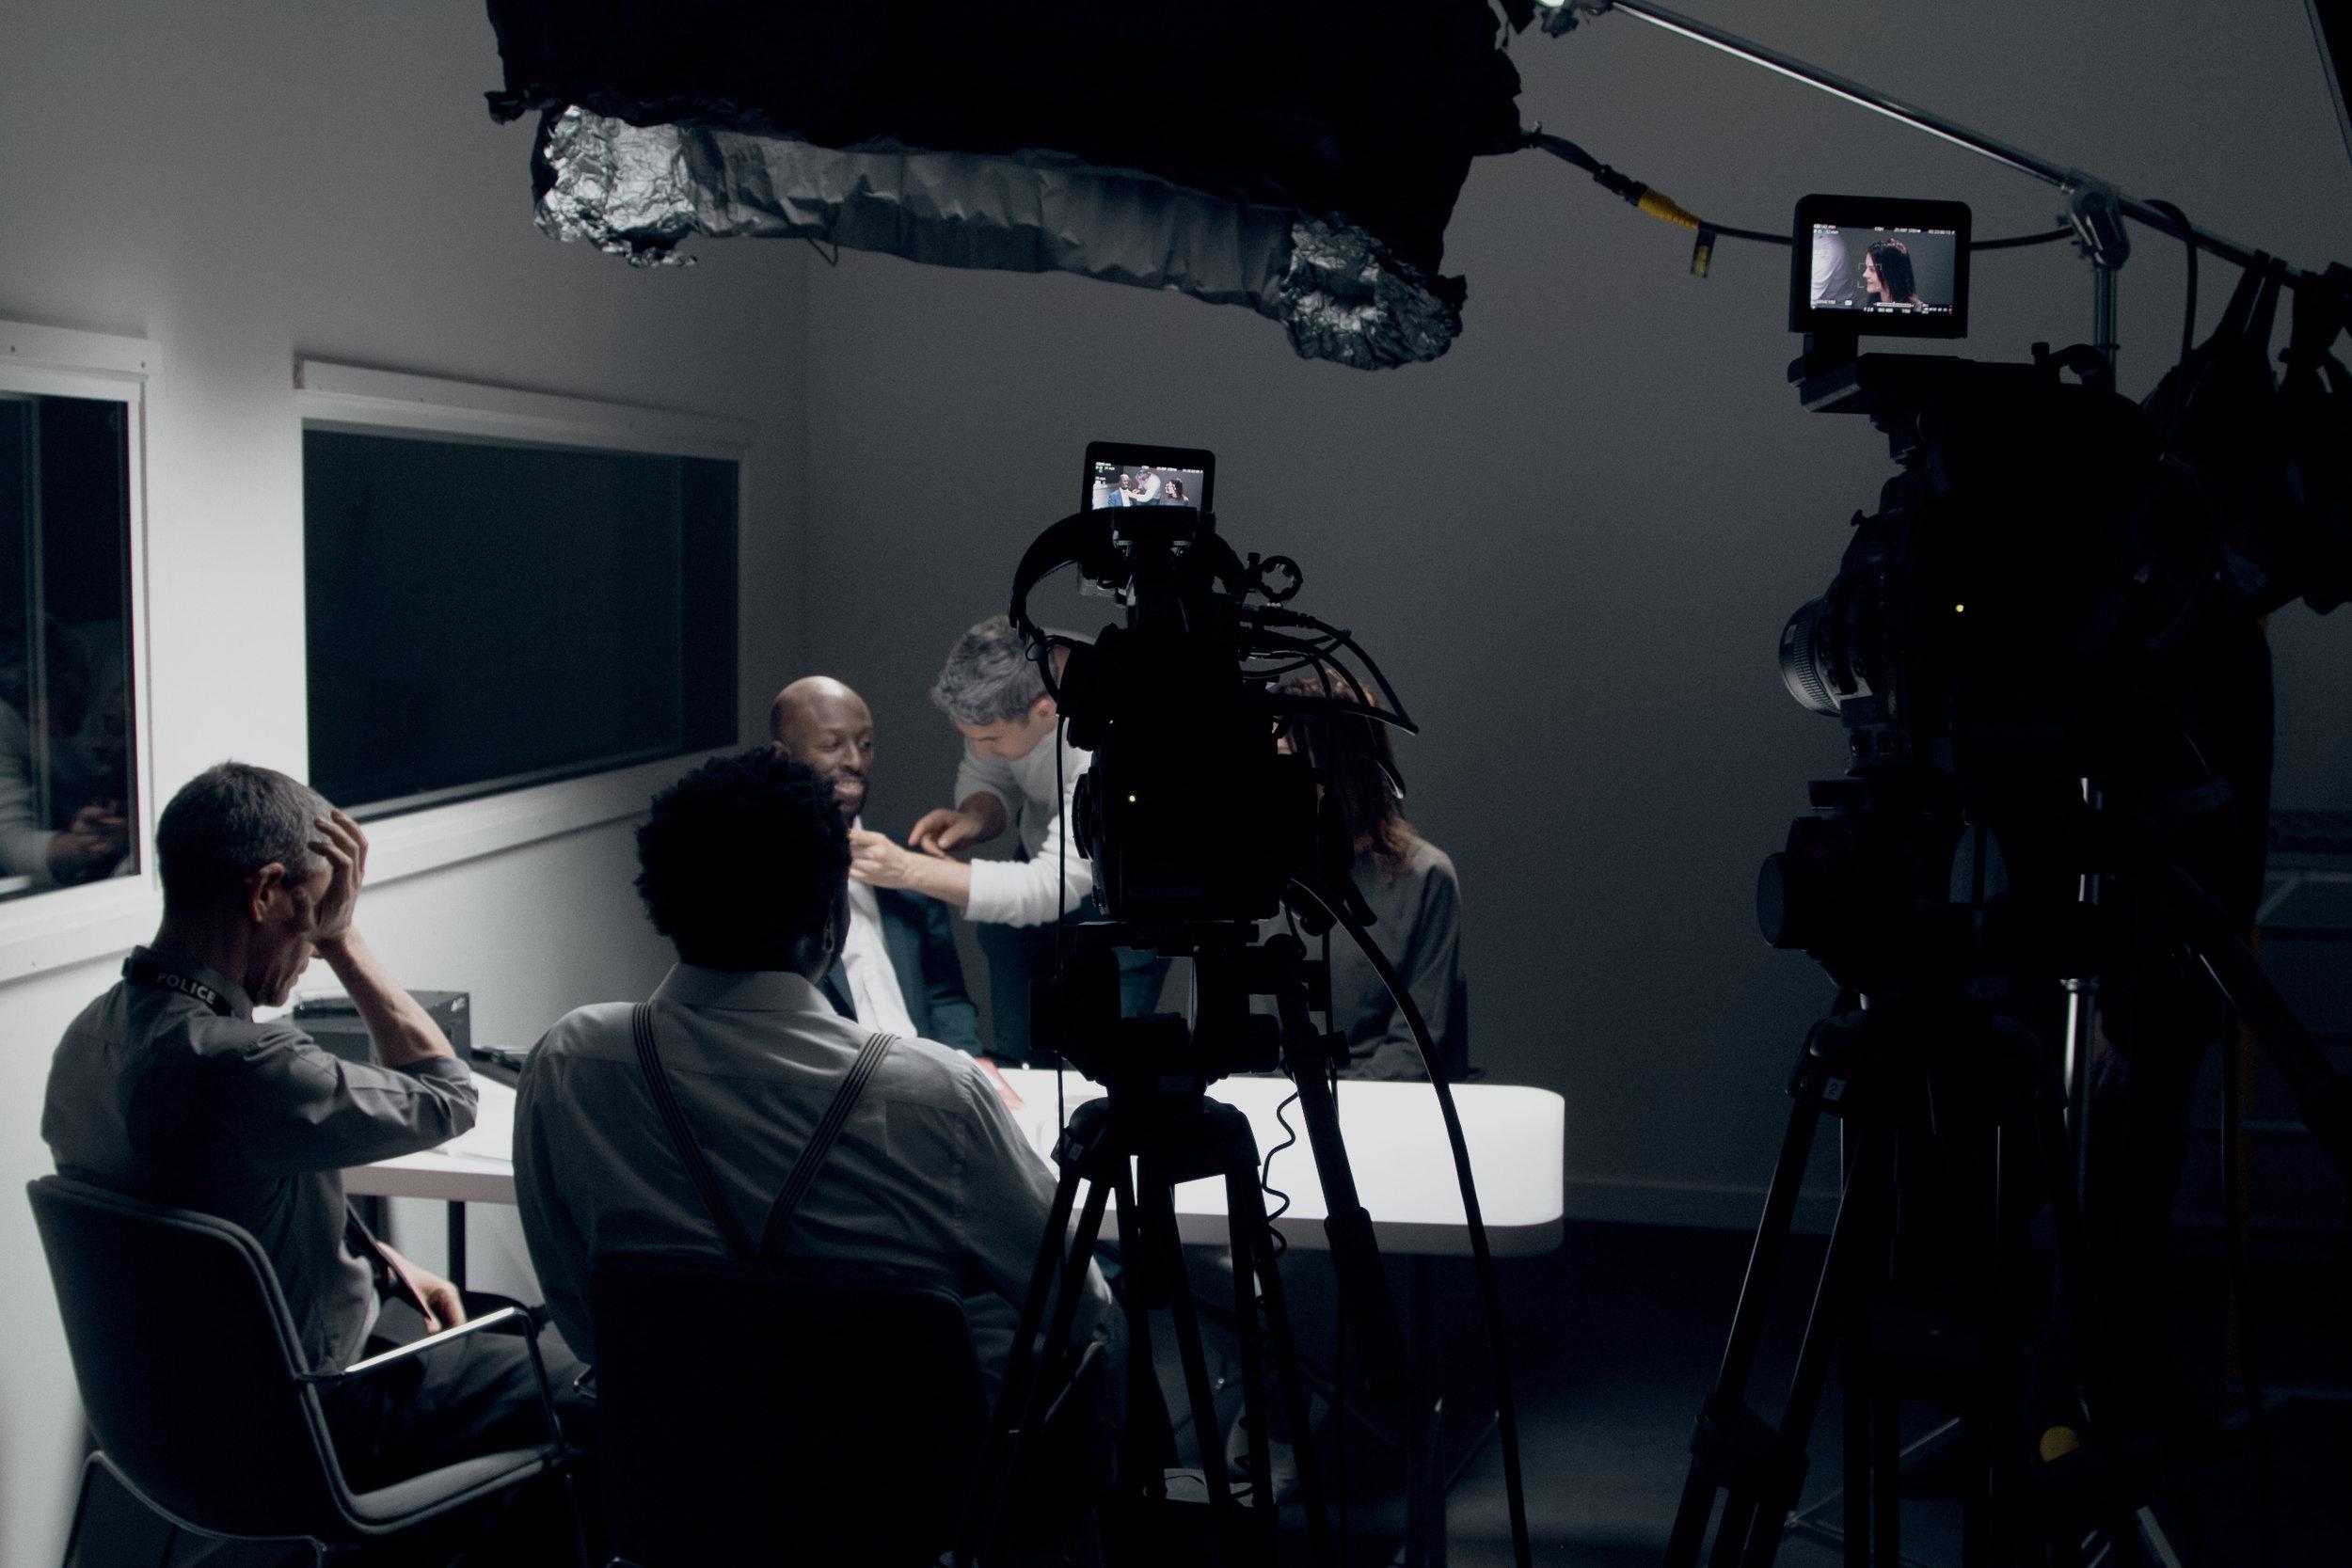 InterviewRoom_11.jpg